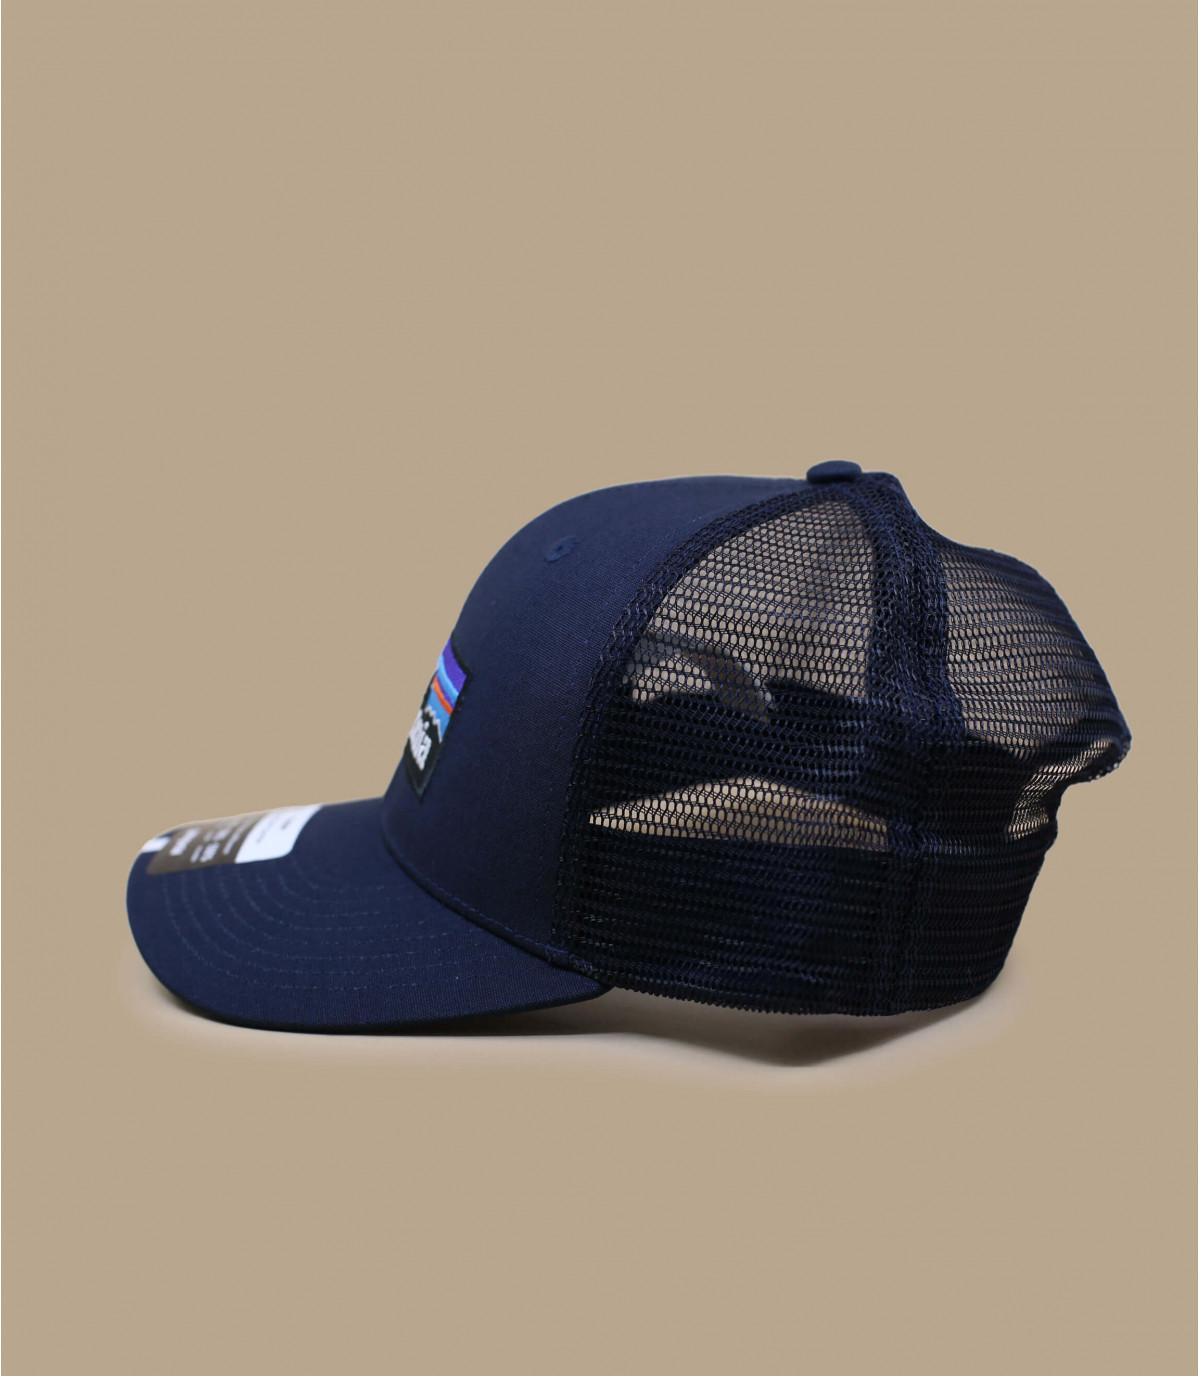 Détails P6 logo trucker hat navy blue - image 2